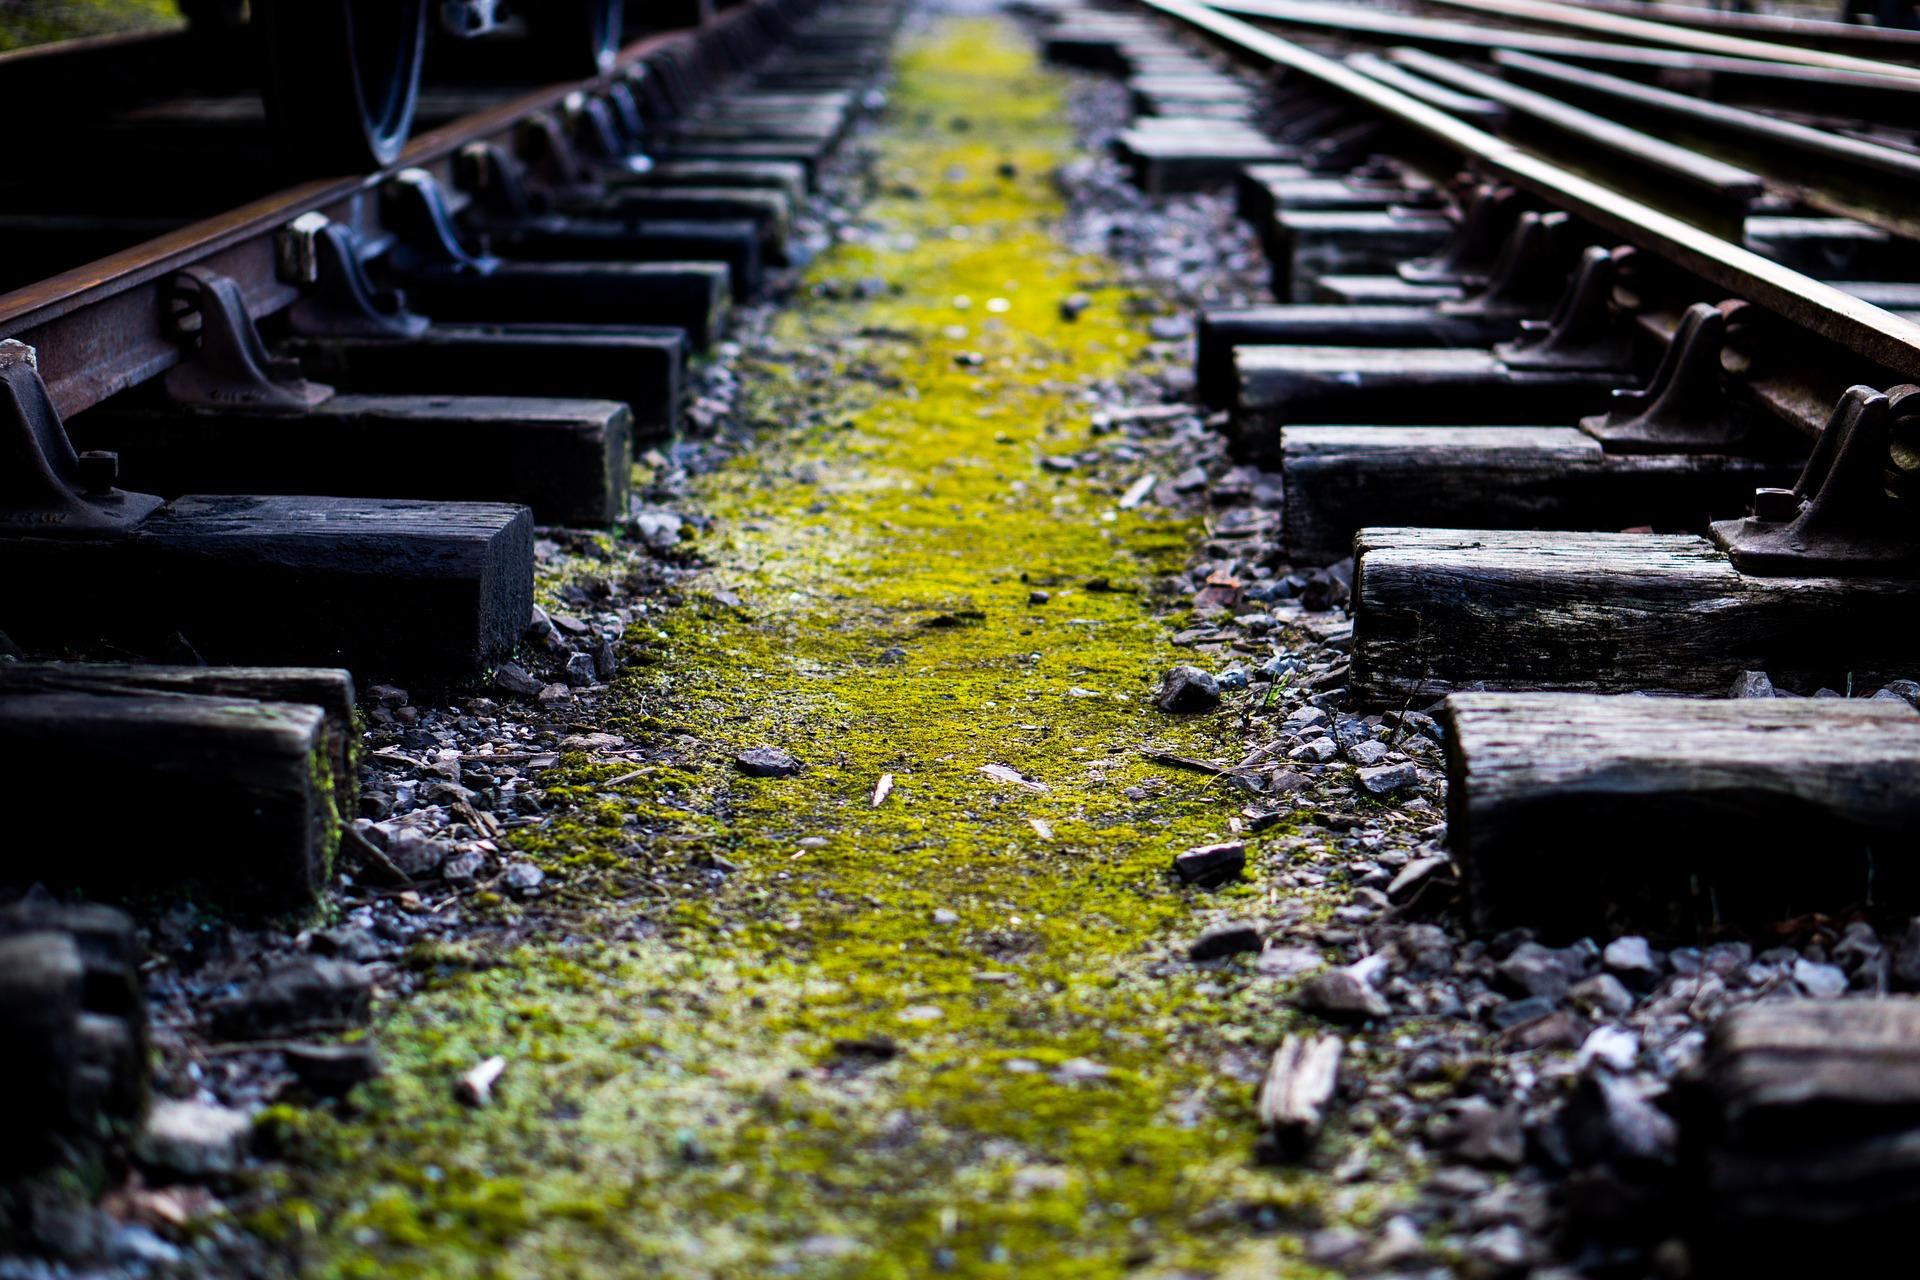 鉄道線路, tren, 鉄道, 電車線, モス, トランスポート, 鉄, ルート, グリーン - HD の壁紙 - 教授-falken.com